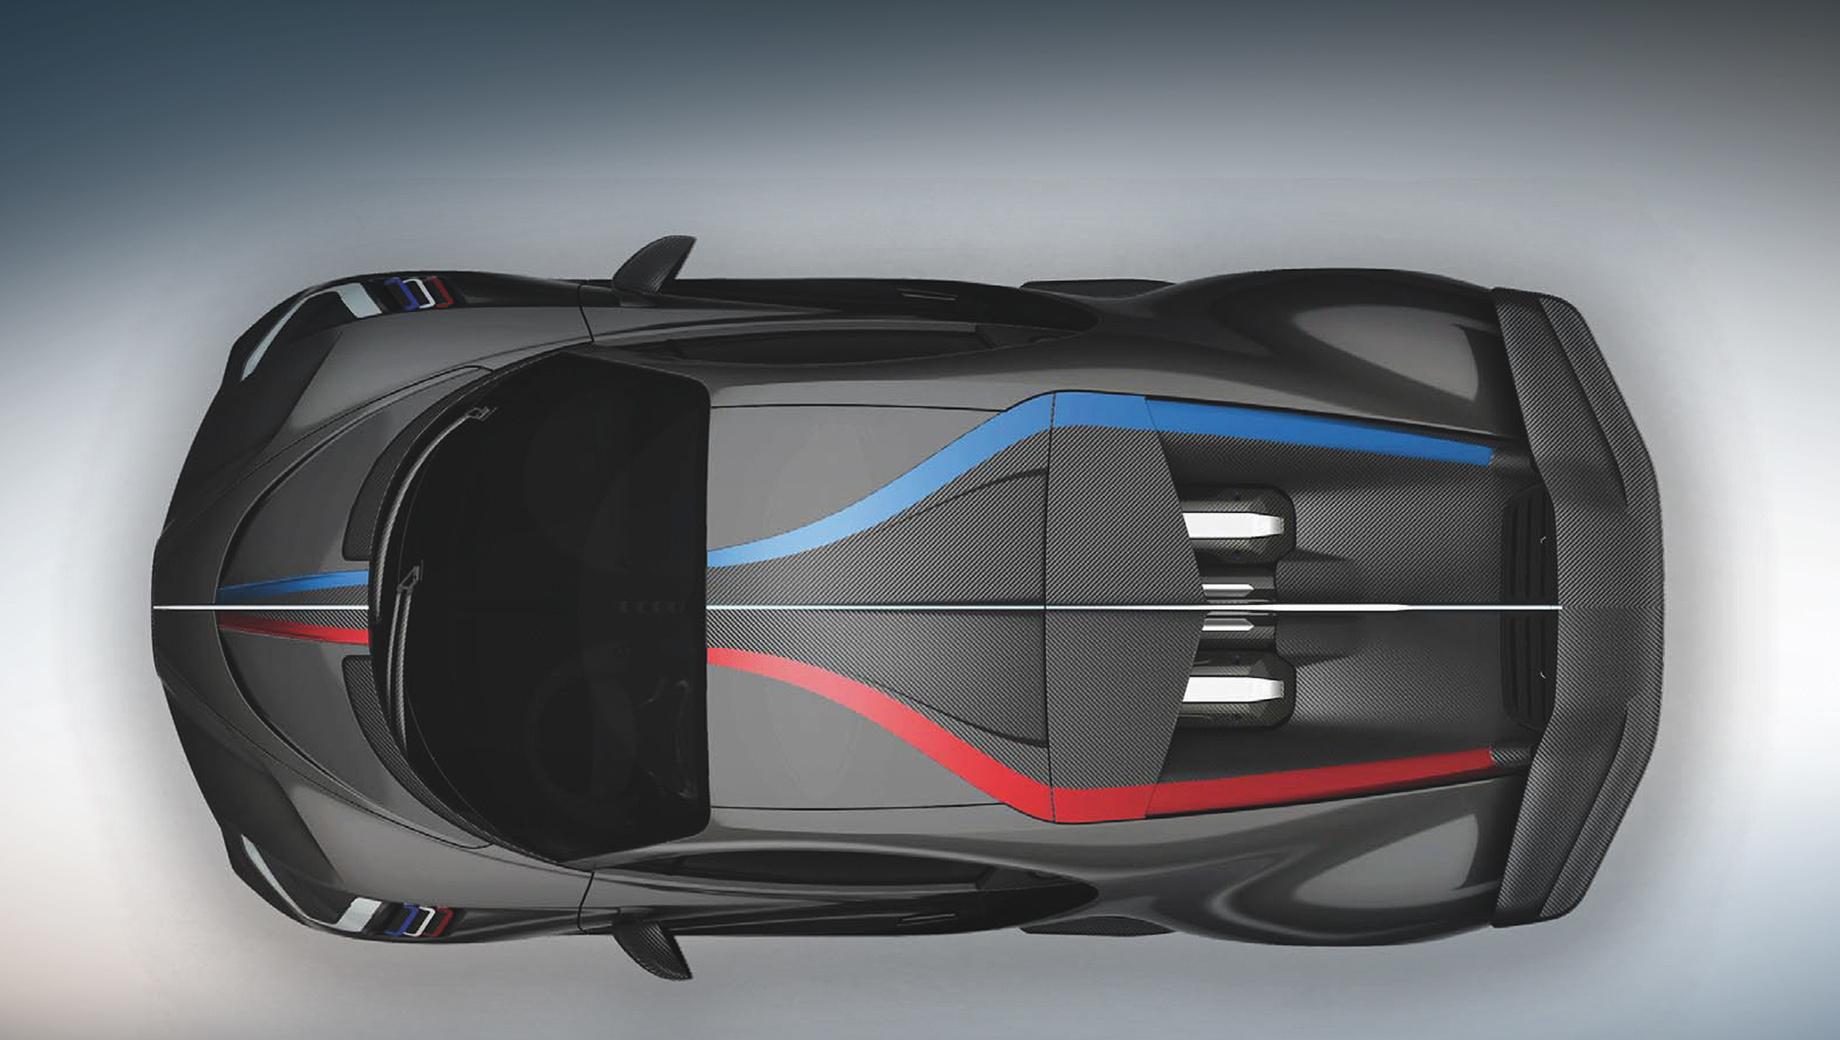 Bugatti divo. Каждое из сорока купе оценивается компанией Bugatti минимум в пять миллионов евро (около 397,8 млн рублей), но просто банковского перевода для покупки недостаточно. Купе достанется только тем, у кого уже есть хотя бы один Chiron. Весь тираж Divo распродан до премьеры.